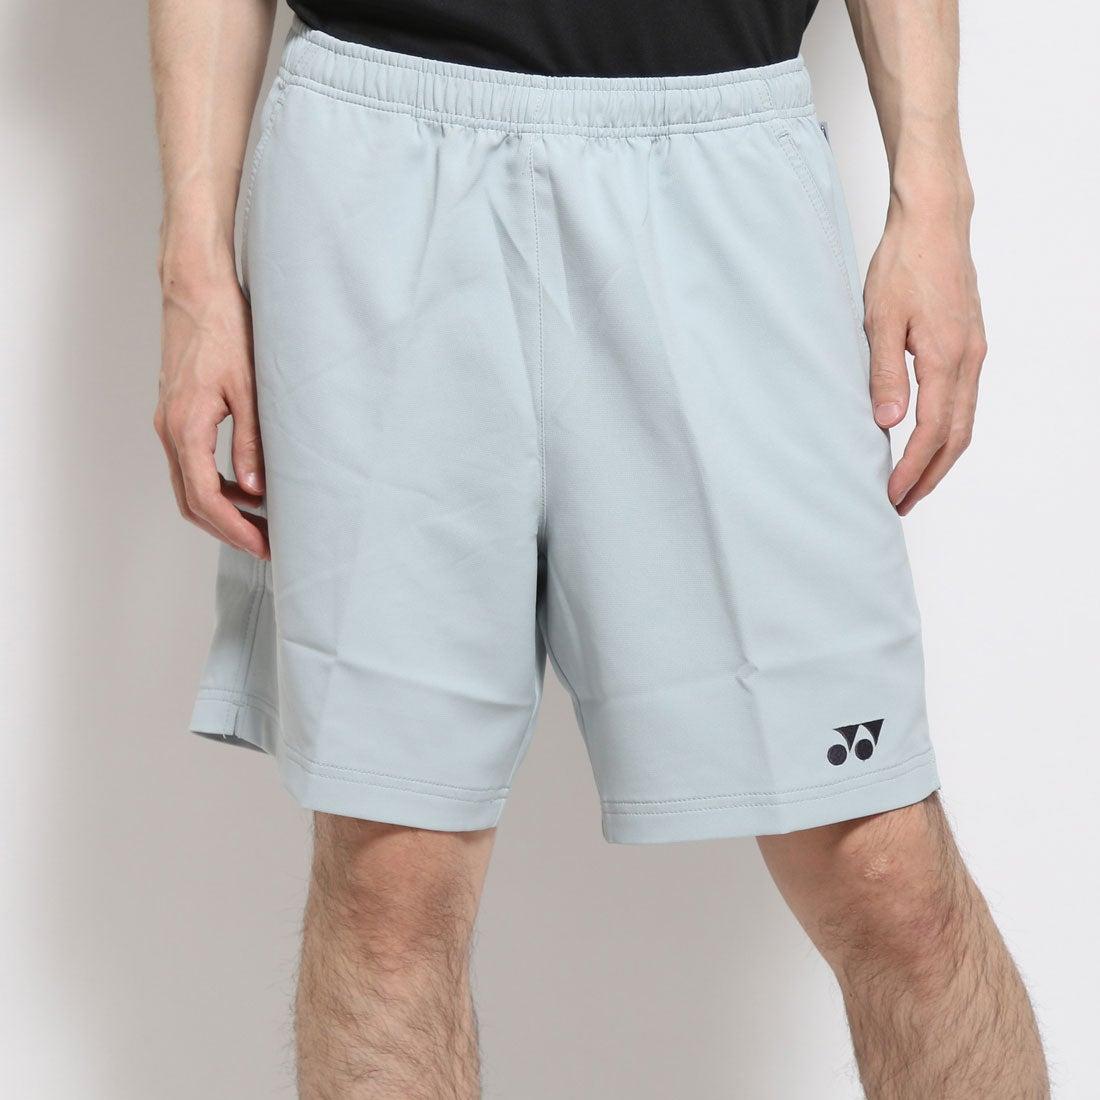 d0265464da7c4 YONEX ヨネックス Yonex テニスパンツ 1550 グレー -レディースファッション通販 ロコンドガールズコレクション (ロココレ)